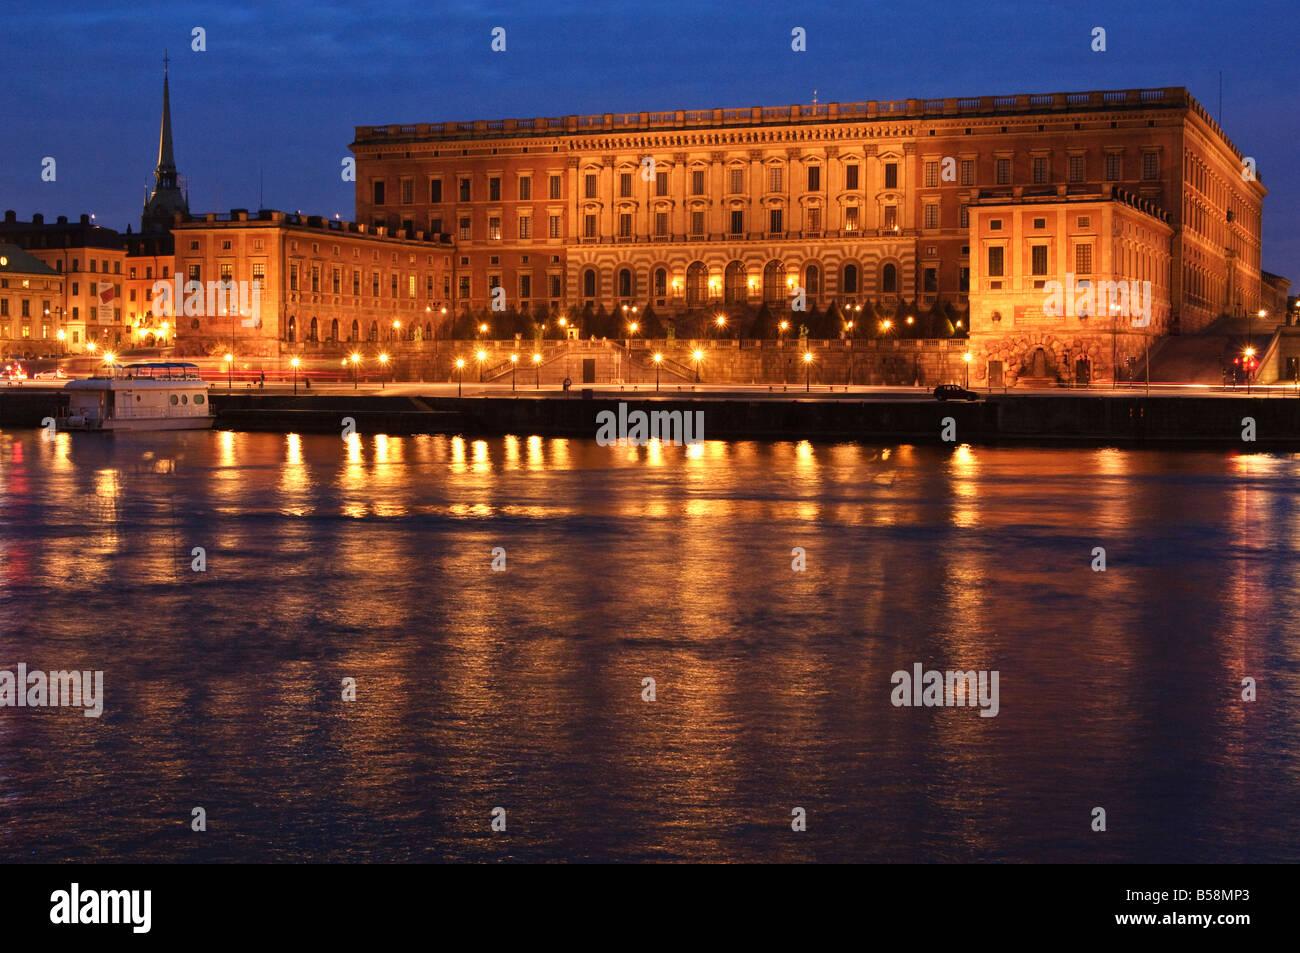 Kungliga Slottet il Palazzo Reale di Stoccolma Svezia Immagini Stock